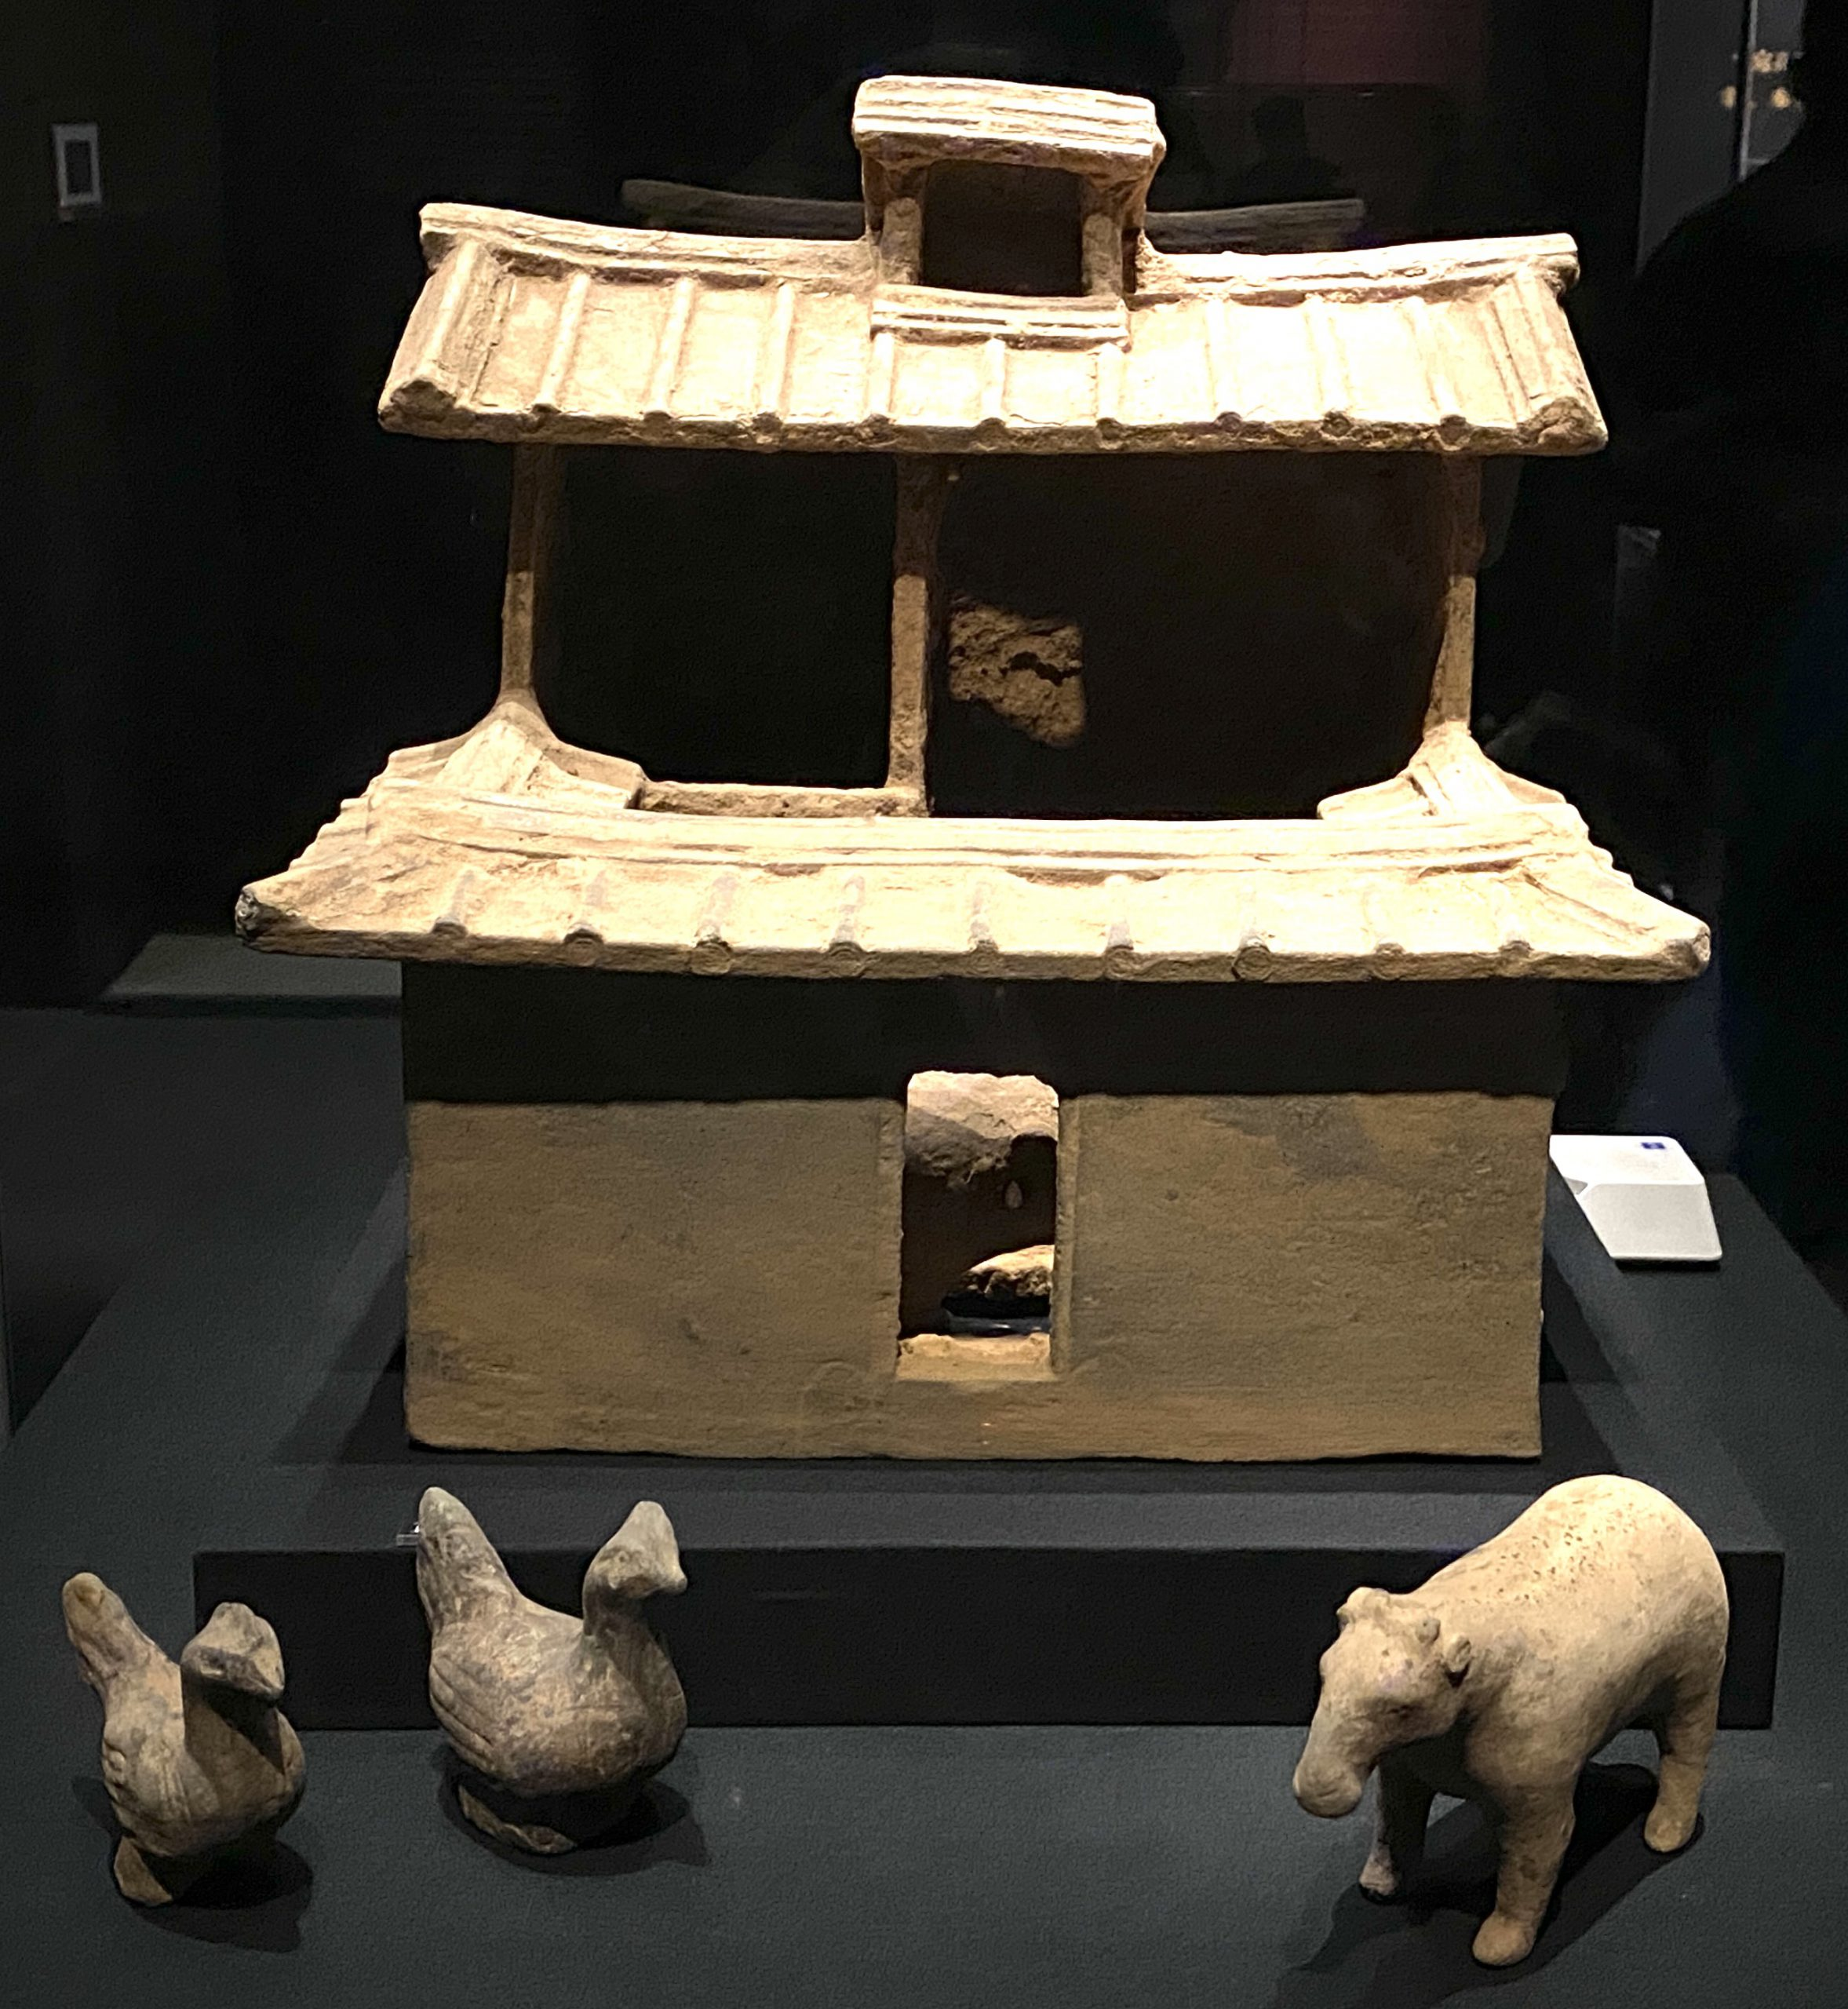 灰陶圈廁-灰陶鶏-陶羊-【列備五都-秦漢時代の中国都市】-成都博物館-四川成都